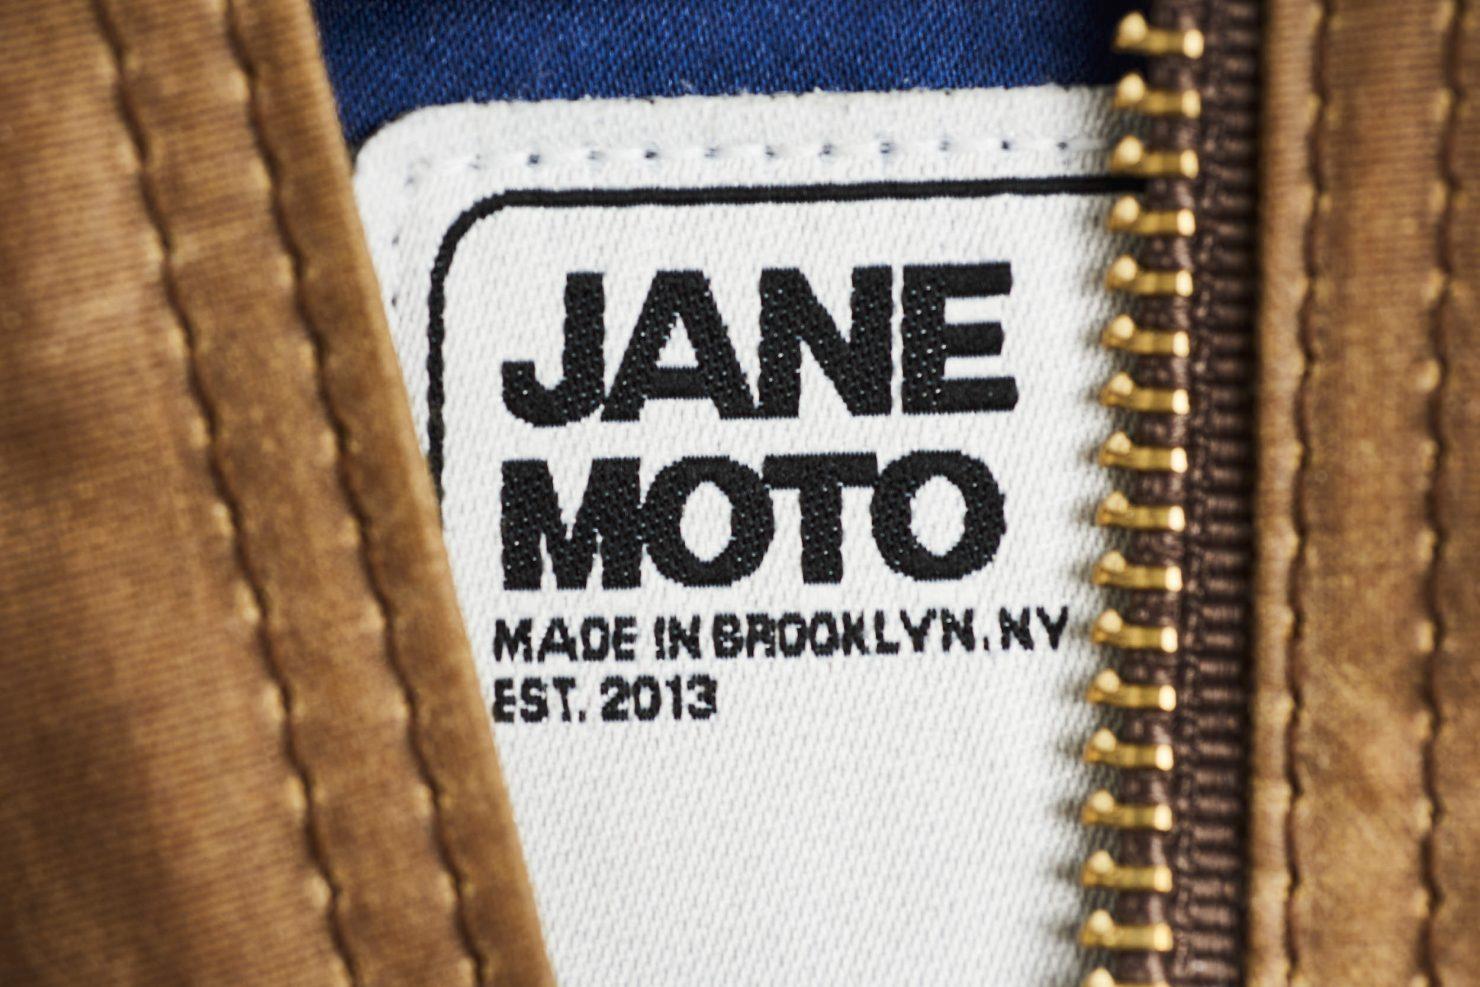 Jane Motorcycles Driggs Jacket Detail 4 1480x987 - Jane Motorcycles Driggs Jacket